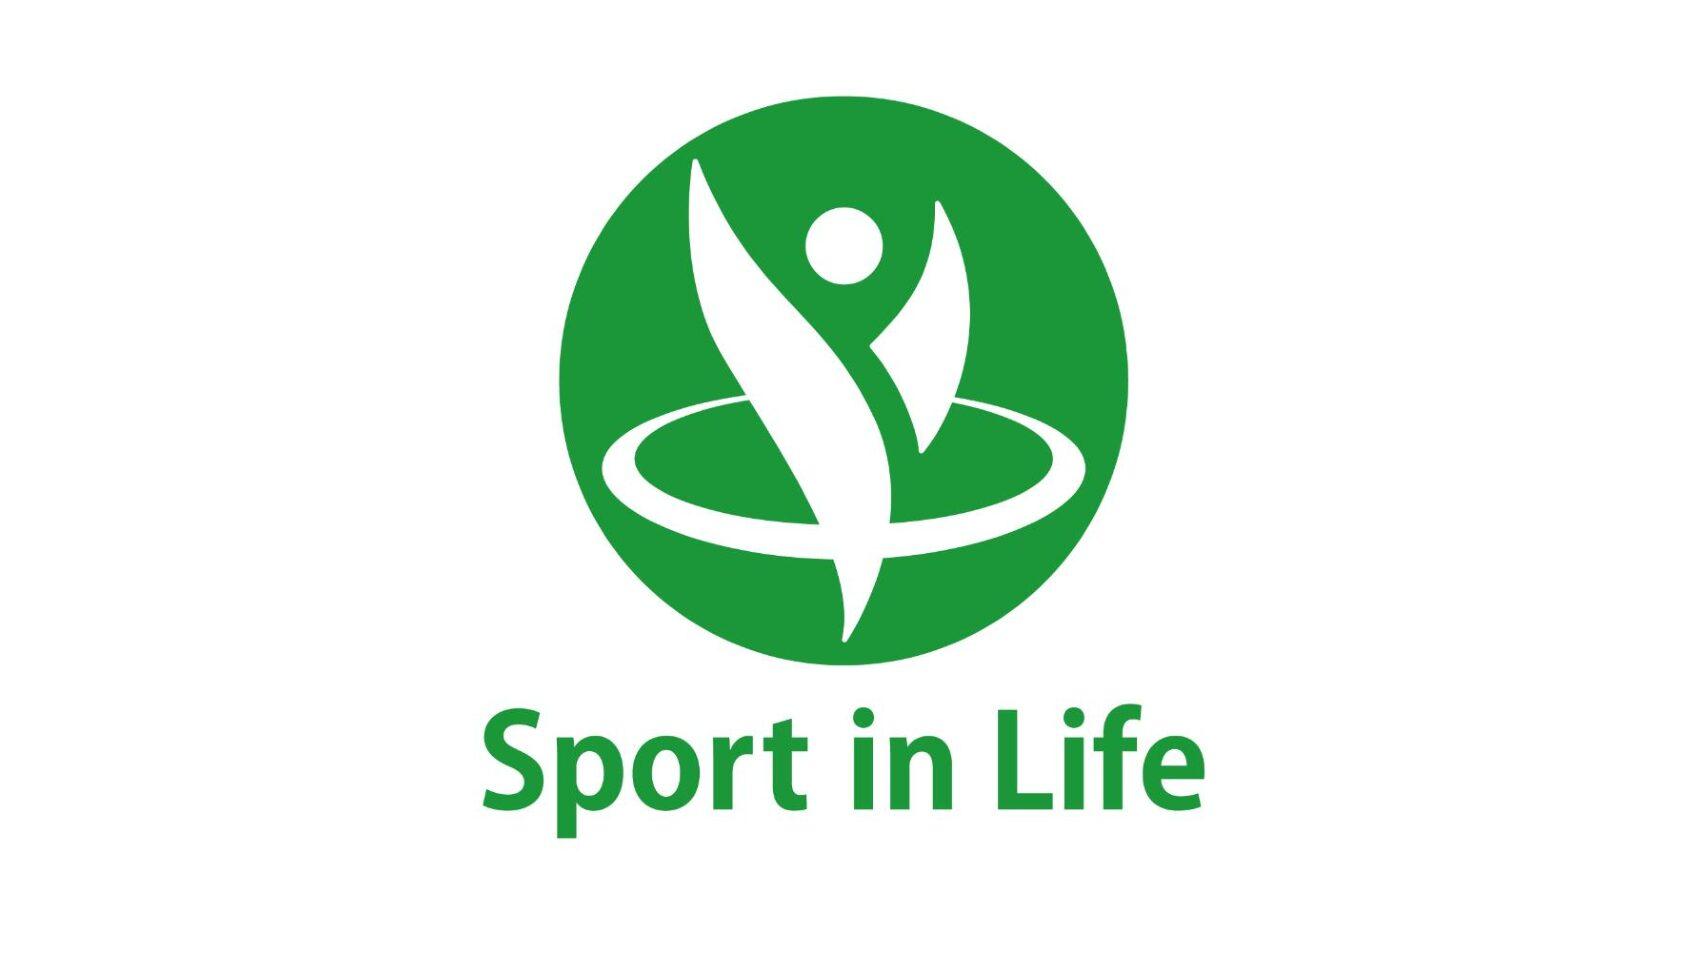 Sport in Life(スポーツ庁)よりお知らせが届きました